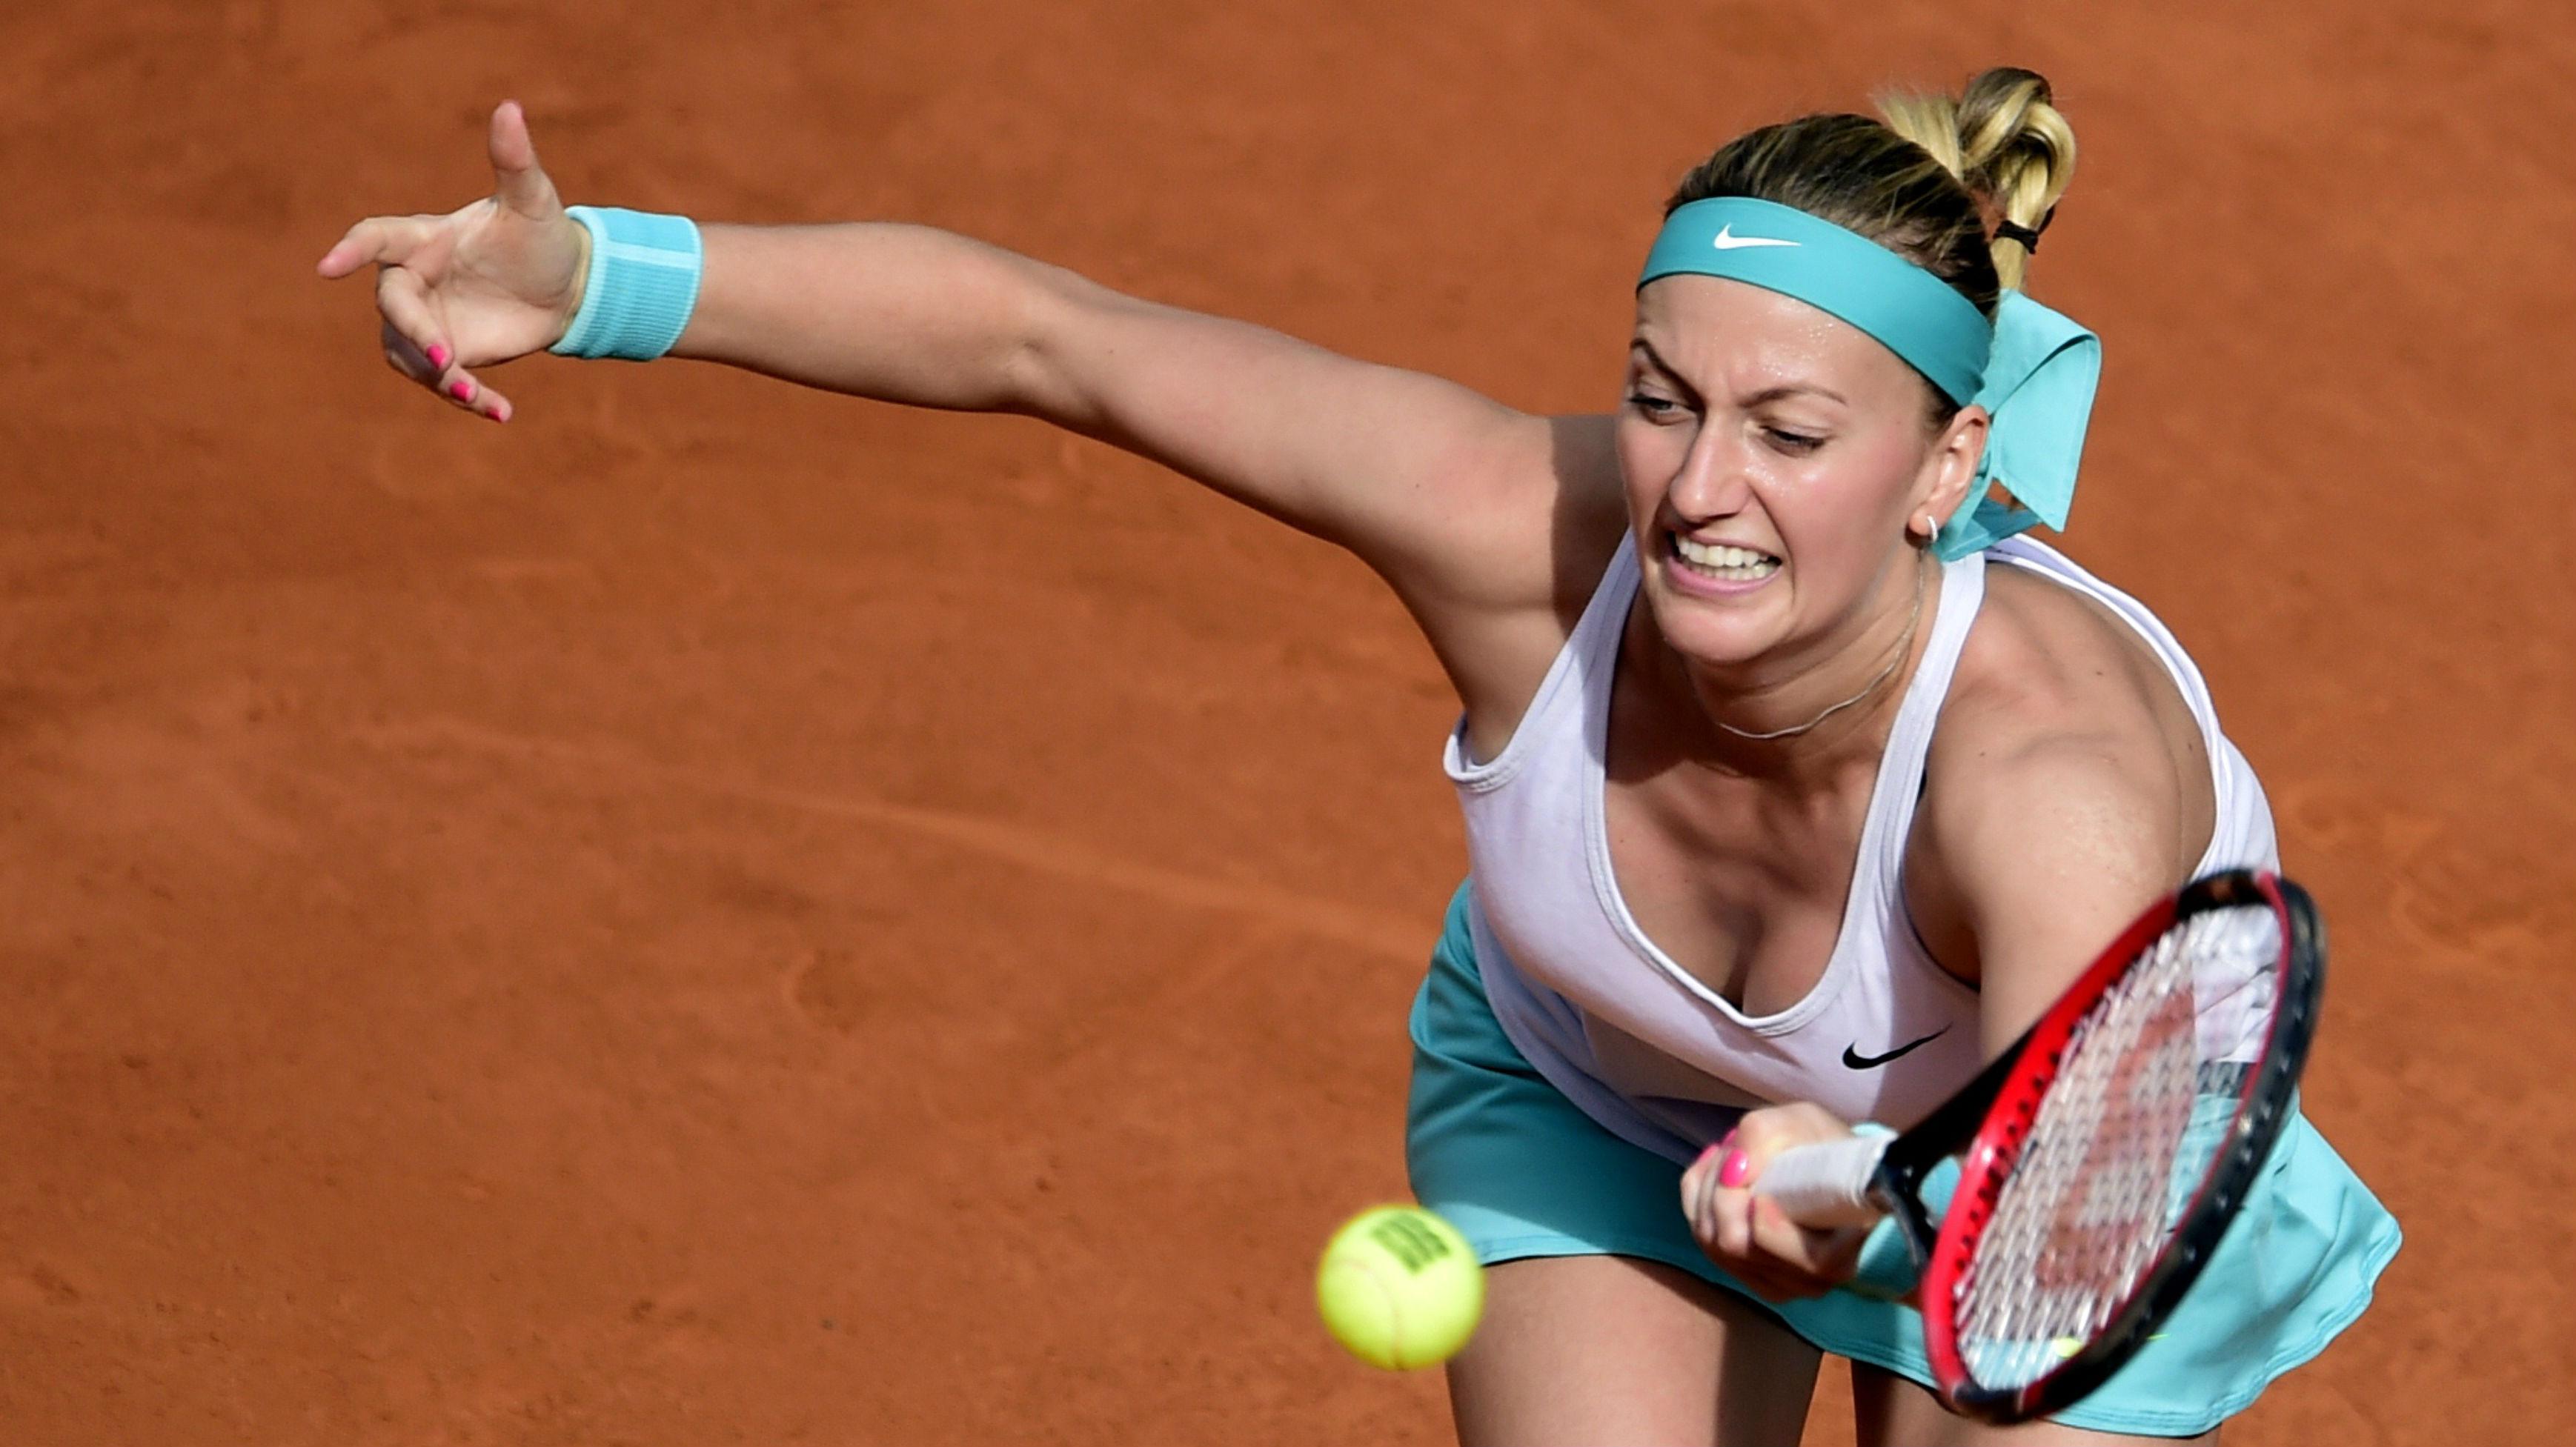 Порно фото теннисистка кузнецова